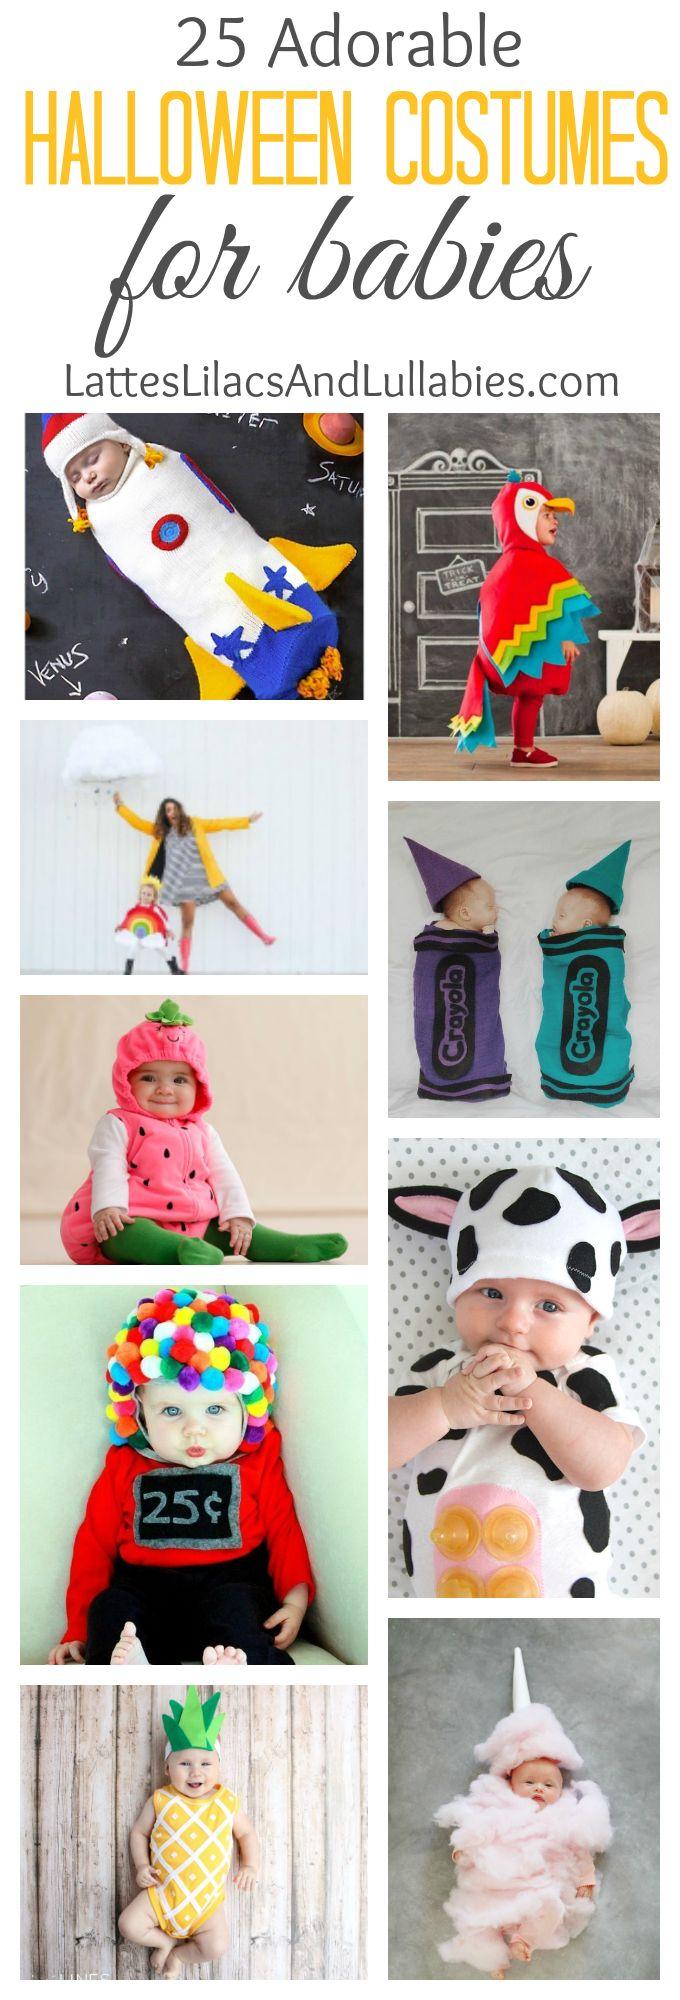 Lattes, Lilacs, & Lullabies - 25 Adorable Halloween Costumes For Babies - Lattes, Lilacs, & Lullabies